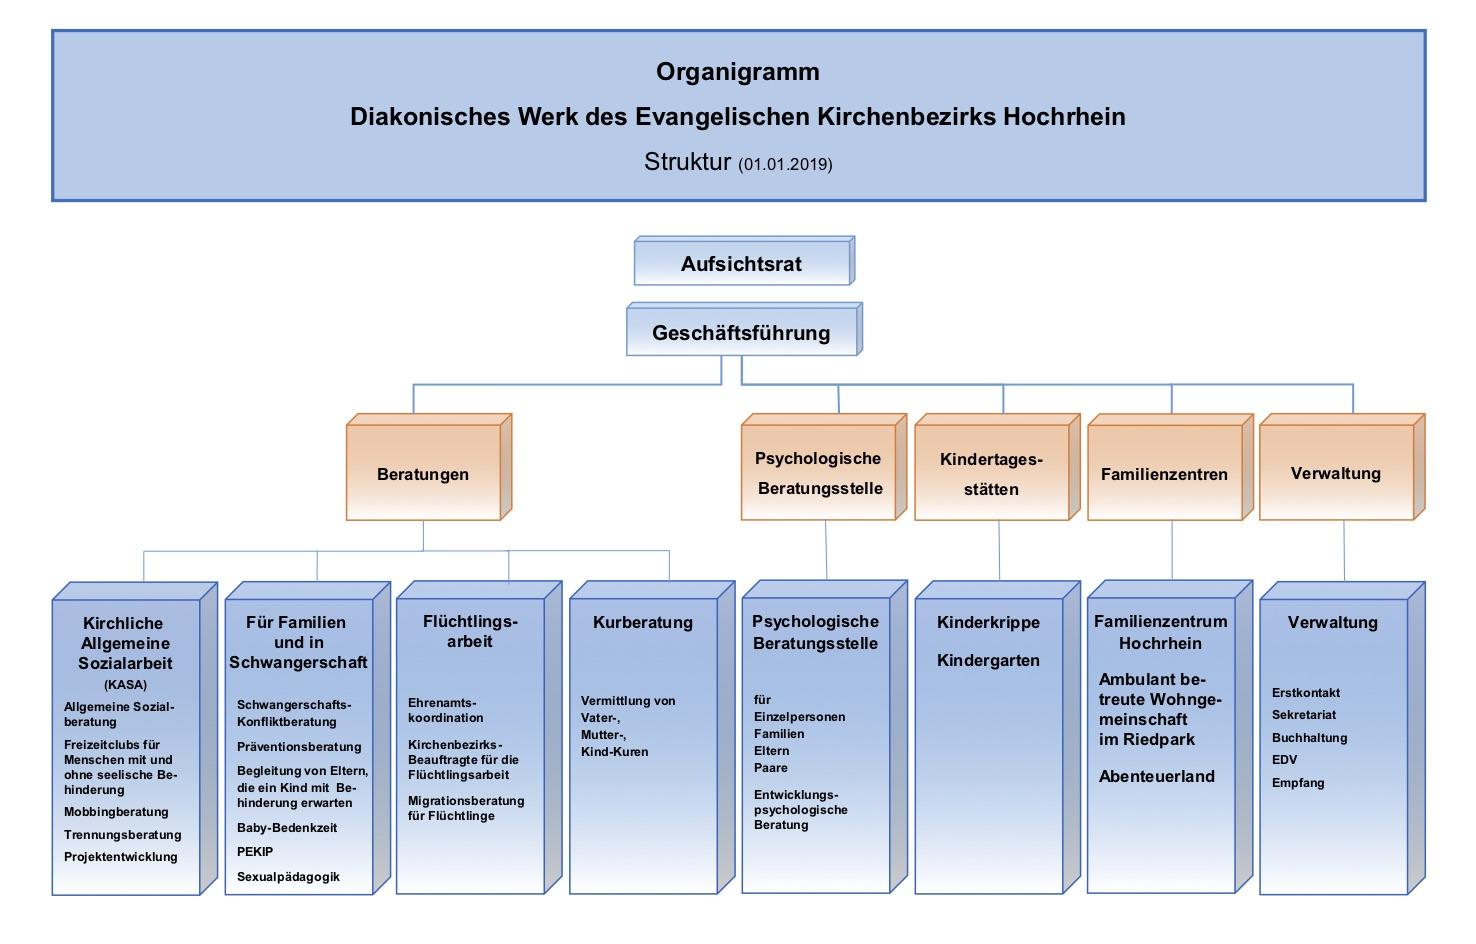 Organigramm DW Hochrhein